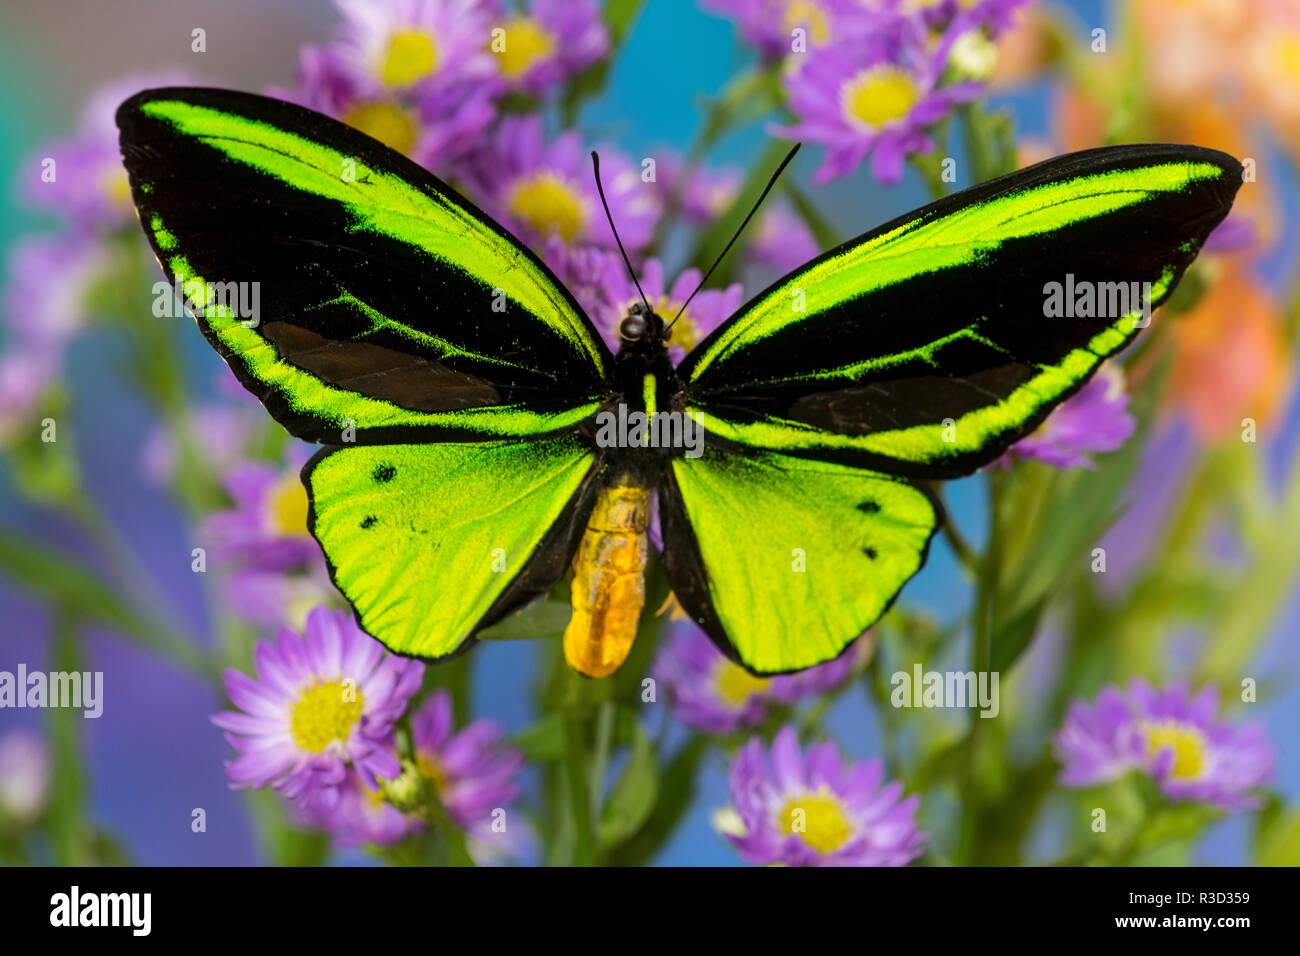 Maschio di farfalle tropicali Orthoptera priamus priamus Birdwinged una farfalla sulla aestri Immagini Stock